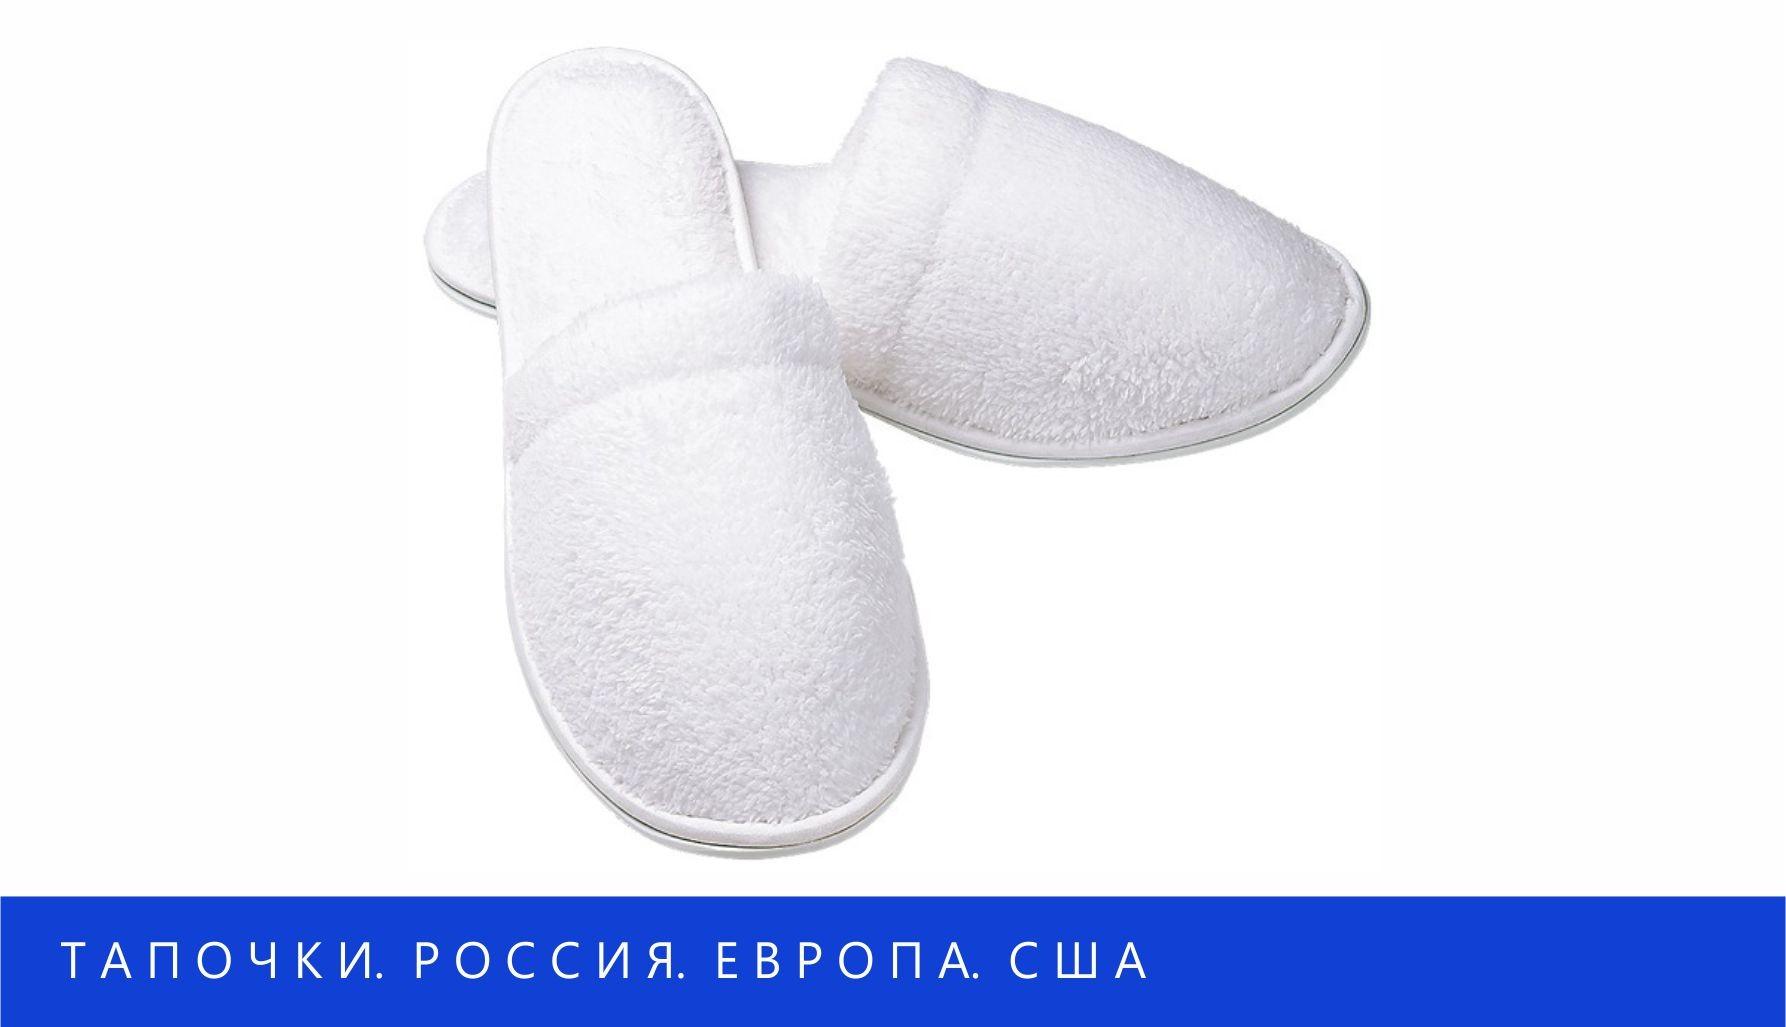 Тапочки для гостиниц из Европы, США и России